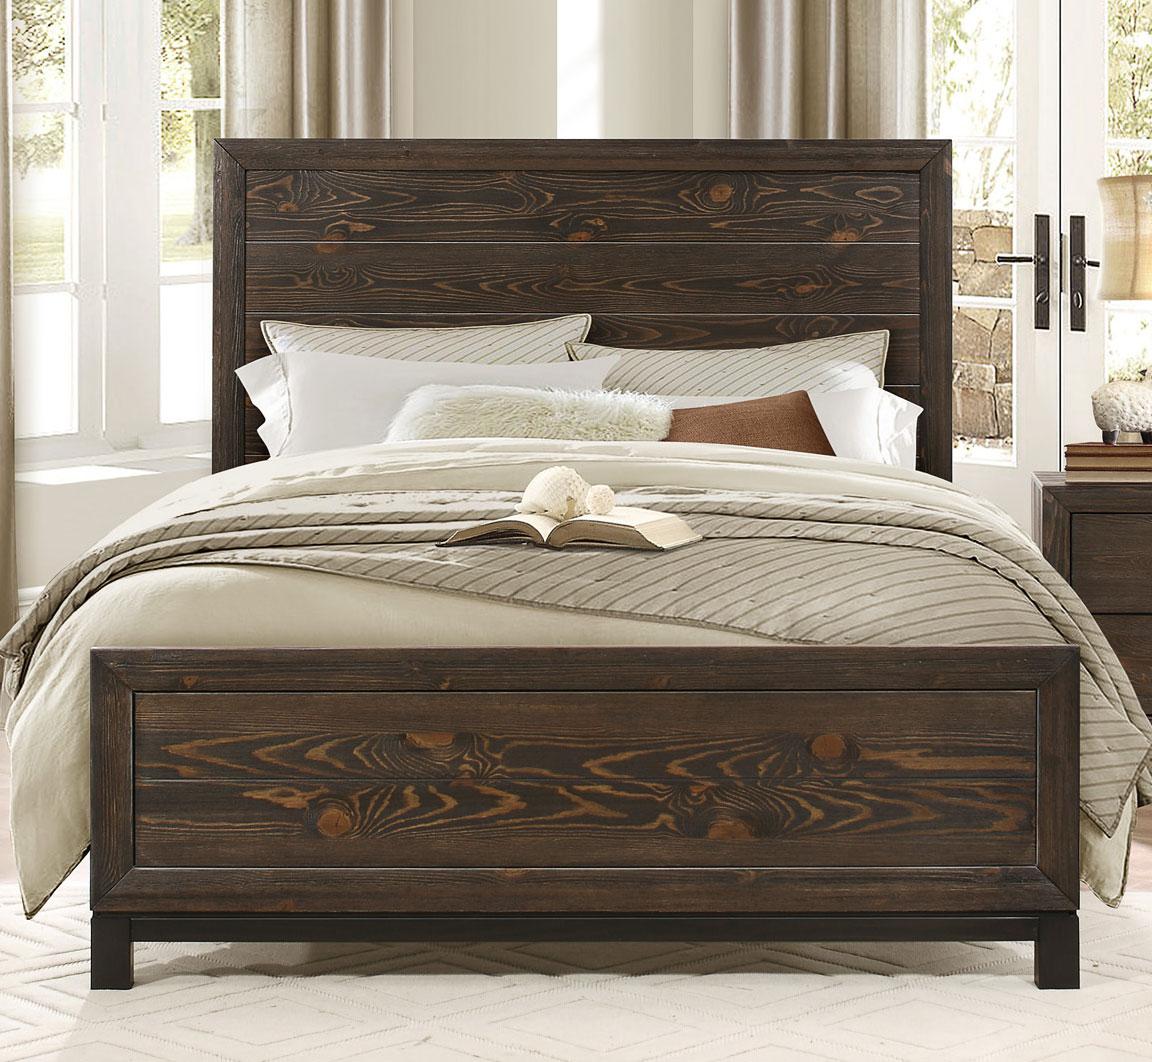 Homelegance Branton Bed - Antique Brown